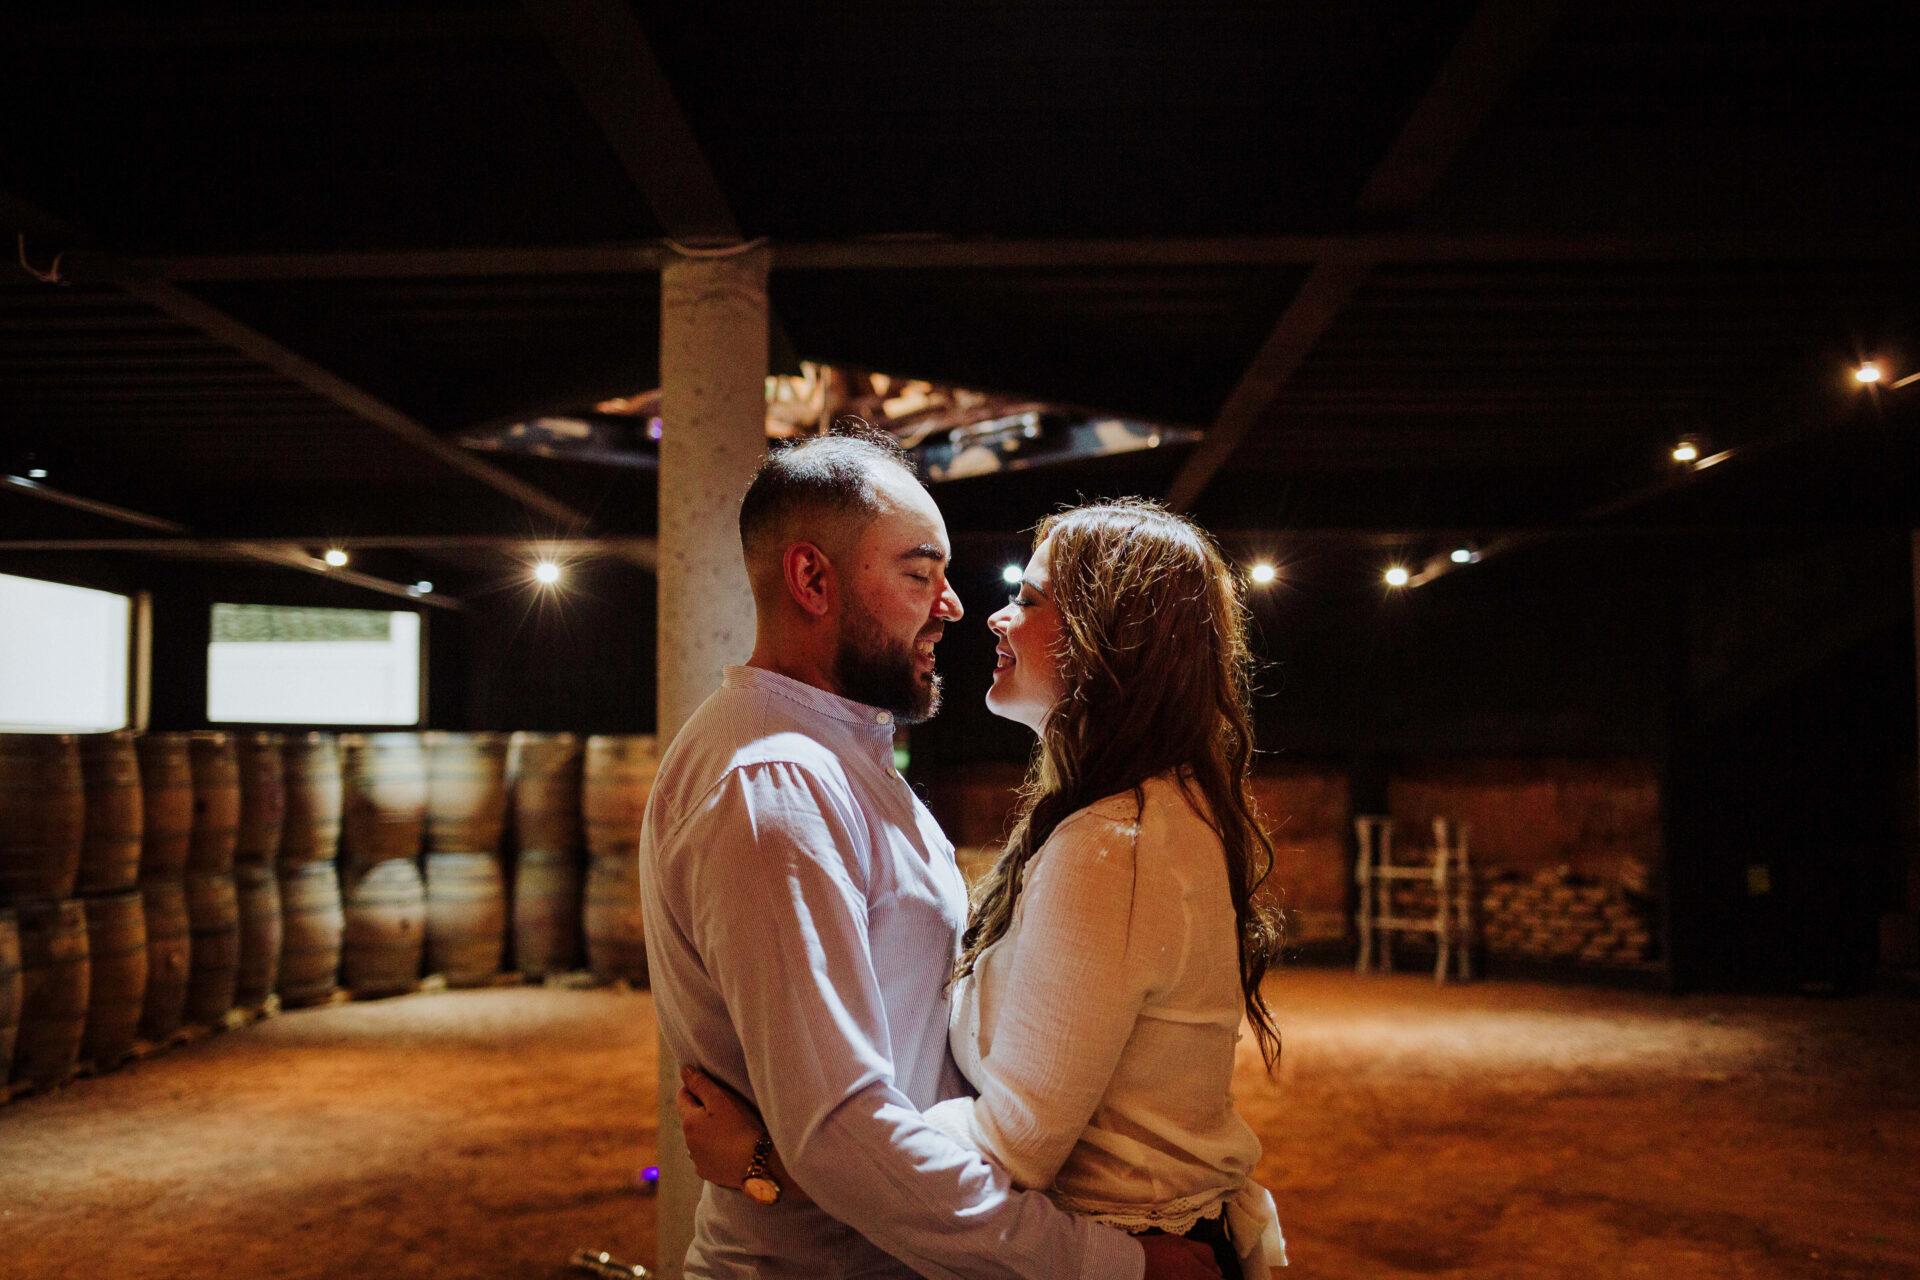 javier_noriega_fotografo_save_the_date_tierra_adentro_zacatecas_wedding_photographer18